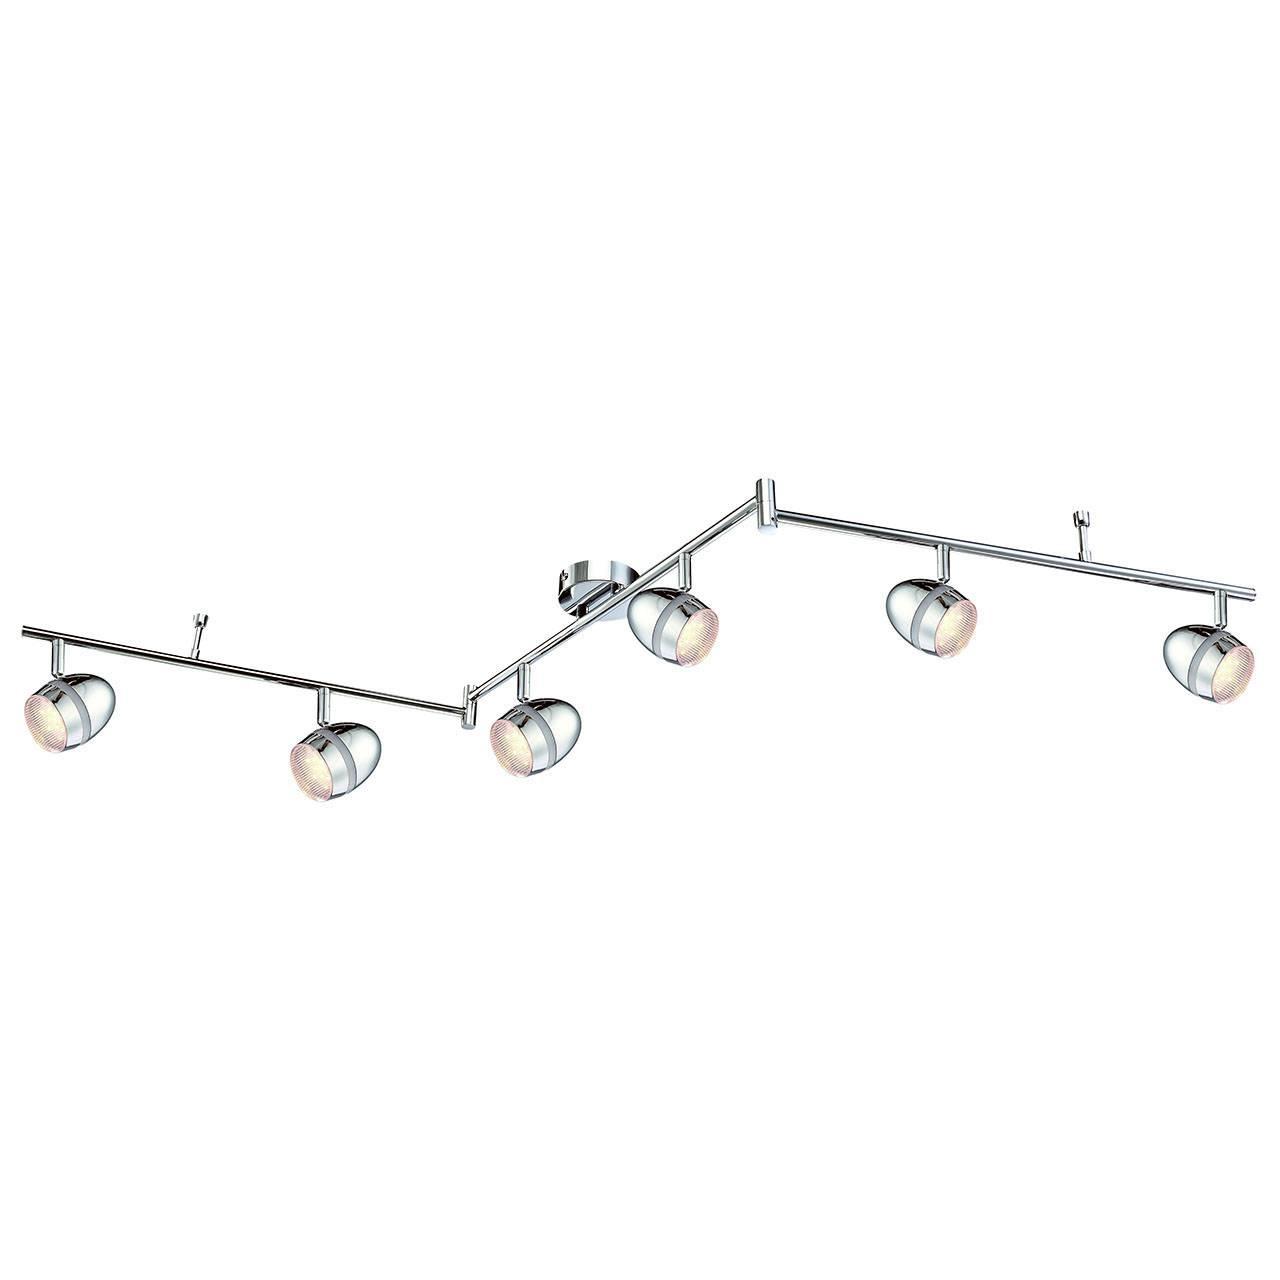 Настенно-потолочный светильник Arte Lamp, LED, 18 Вт